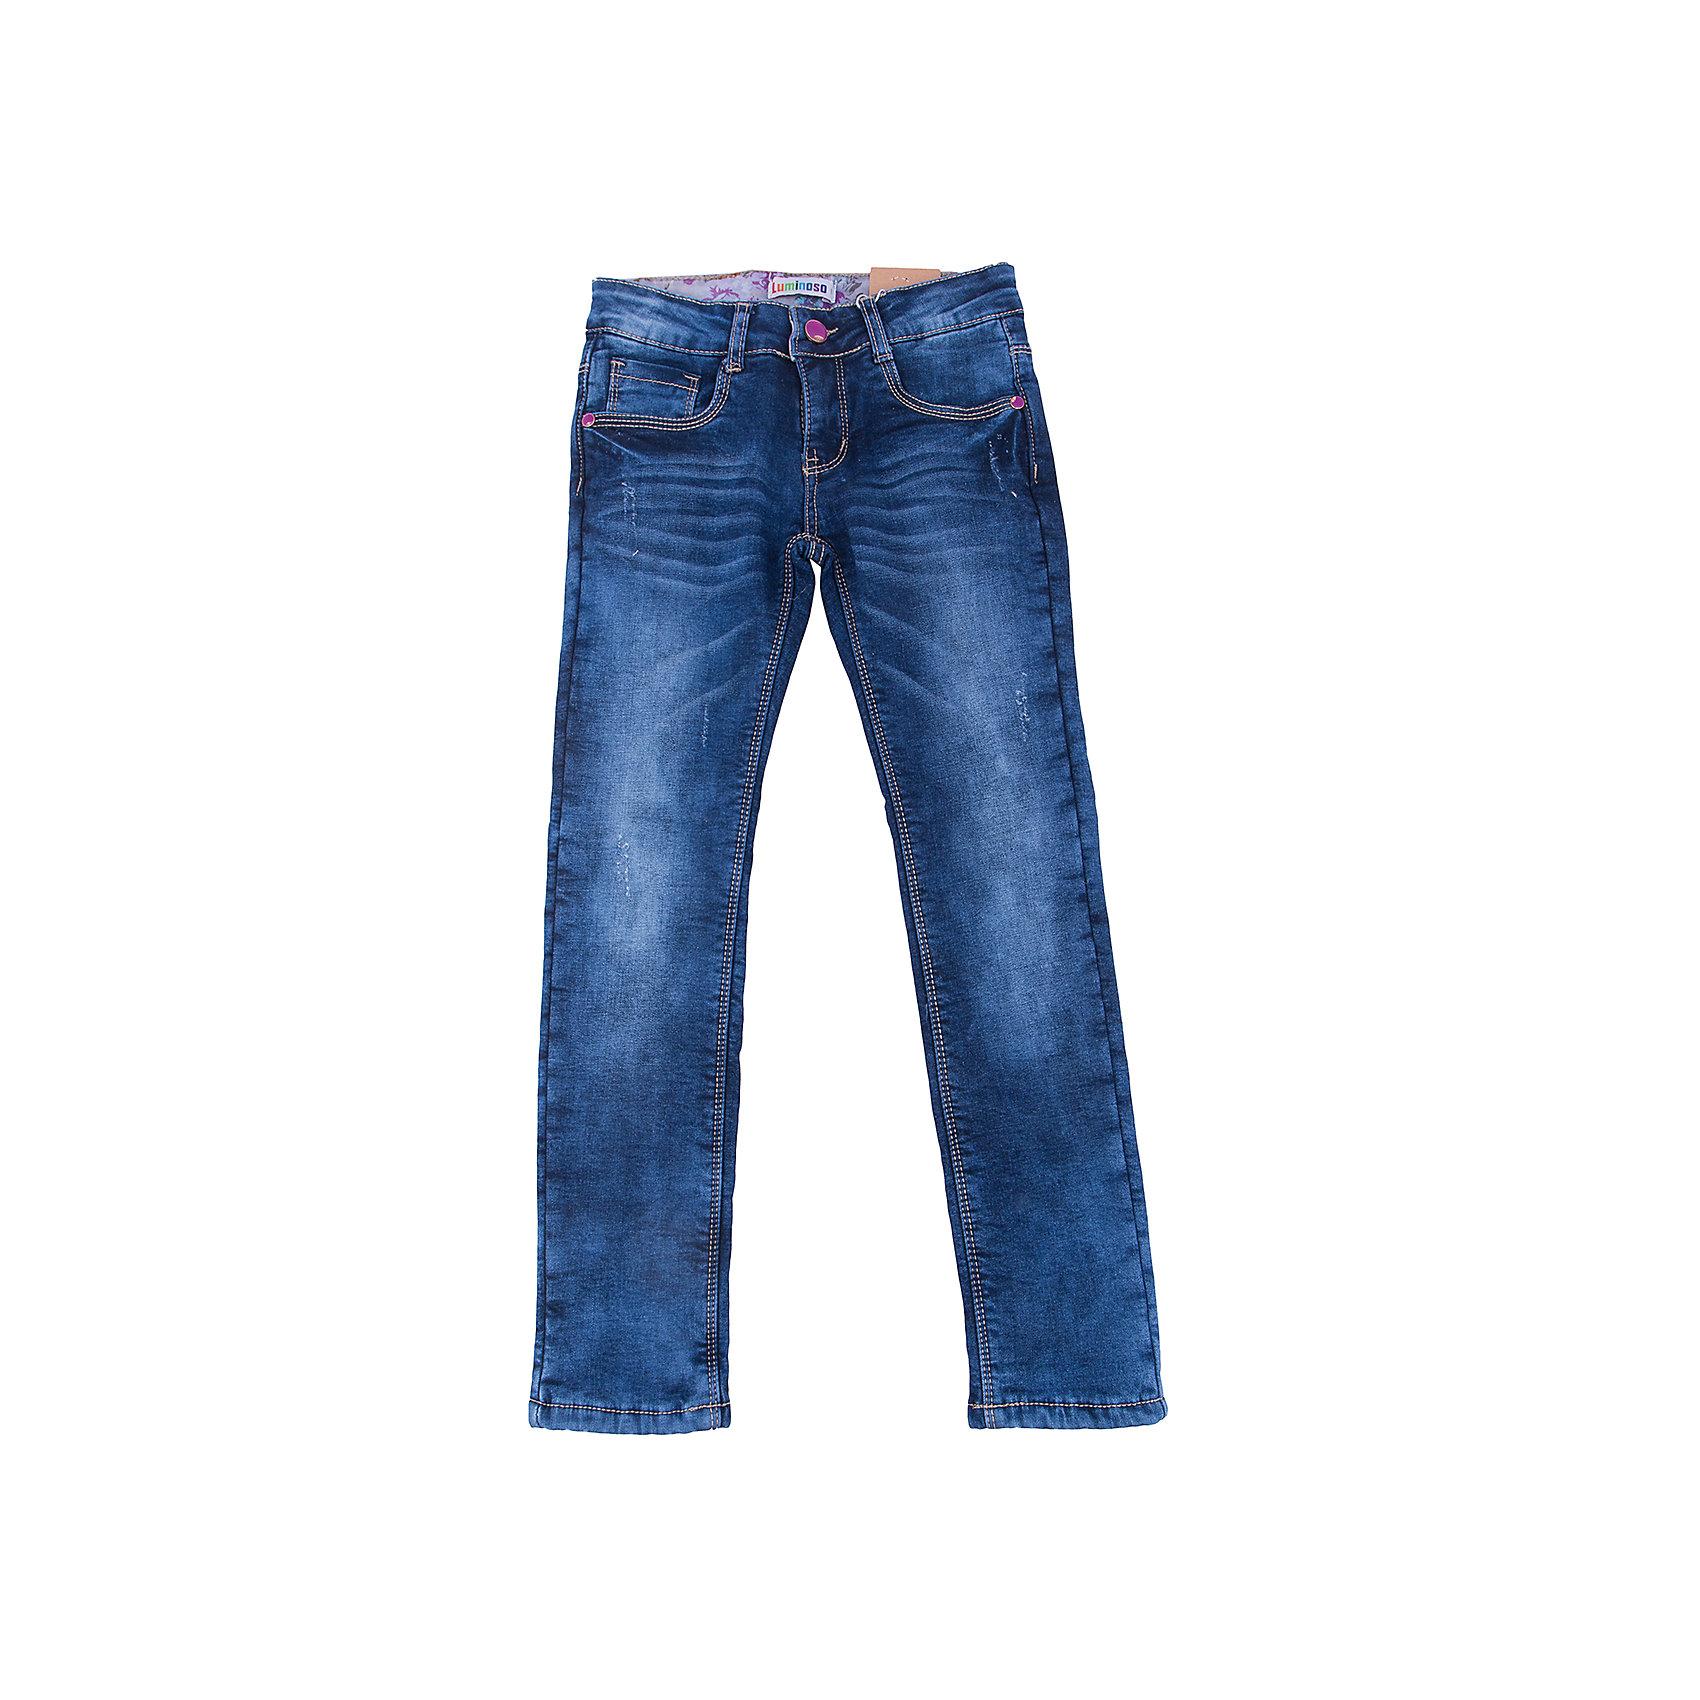 Джинсы для девочки LuminosoДжинсовая одежда<br>Характеристики товара:<br><br>- цвет: синий;<br>- материал: 98% хлопок, 2% эластан, подкладка - 100% полиэстер;<br>- подкладка из флиса;<br>- застежка: пуговица и молния;<br>- пояс регулируется внутренней резинкой на пуговицах;<br>- эффект потертостей.<br><br>Стильная одежда от бренда Luminoso (Люминосо), созданная при участии итальянских дизайнеров, учитывает потребности подростков и последние веяния моды. Она удобная и модная.<br>Эти классические утепленные джинсы выглядят стильно, но при этом подходят для ежедневного ношения. Они хорошо сидят на ребенке, обеспечивают комфорт и отлично сочетаются с одежной разных стилей. Модель отличается высоким качеством материала и продуманным дизайном. Натуральный хлопок в составе изделия делает его дышащим, приятным на ощупь и гипоаллергеным.<br><br>Джинсы для девочки от бренда Luminoso (Люминосо) можно купить в нашем интернет-магазине.<br><br>Ширина мм: 215<br>Глубина мм: 88<br>Высота мм: 191<br>Вес г: 336<br>Цвет: синий<br>Возраст от месяцев: 120<br>Возраст до месяцев: 132<br>Пол: Женский<br>Возраст: Детский<br>Размер: 146,152,158,164,134,140<br>SKU: 4929556